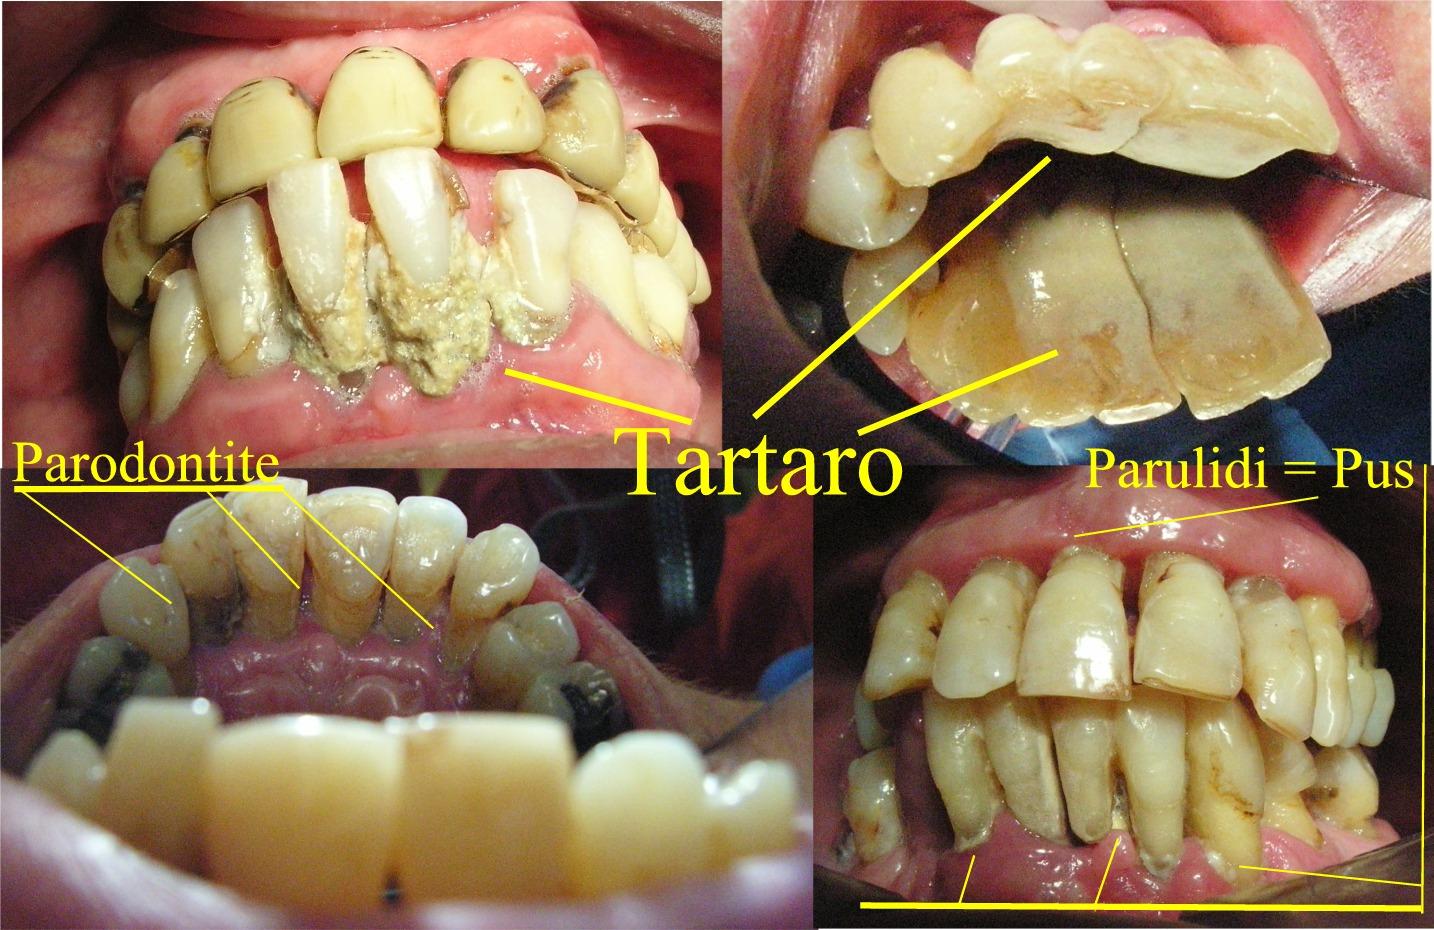 Tartaro in Parodontite grave che non è certo il suo caso. Da casistica del Dr. Gustavo Petti Parodontologo di Cagliari